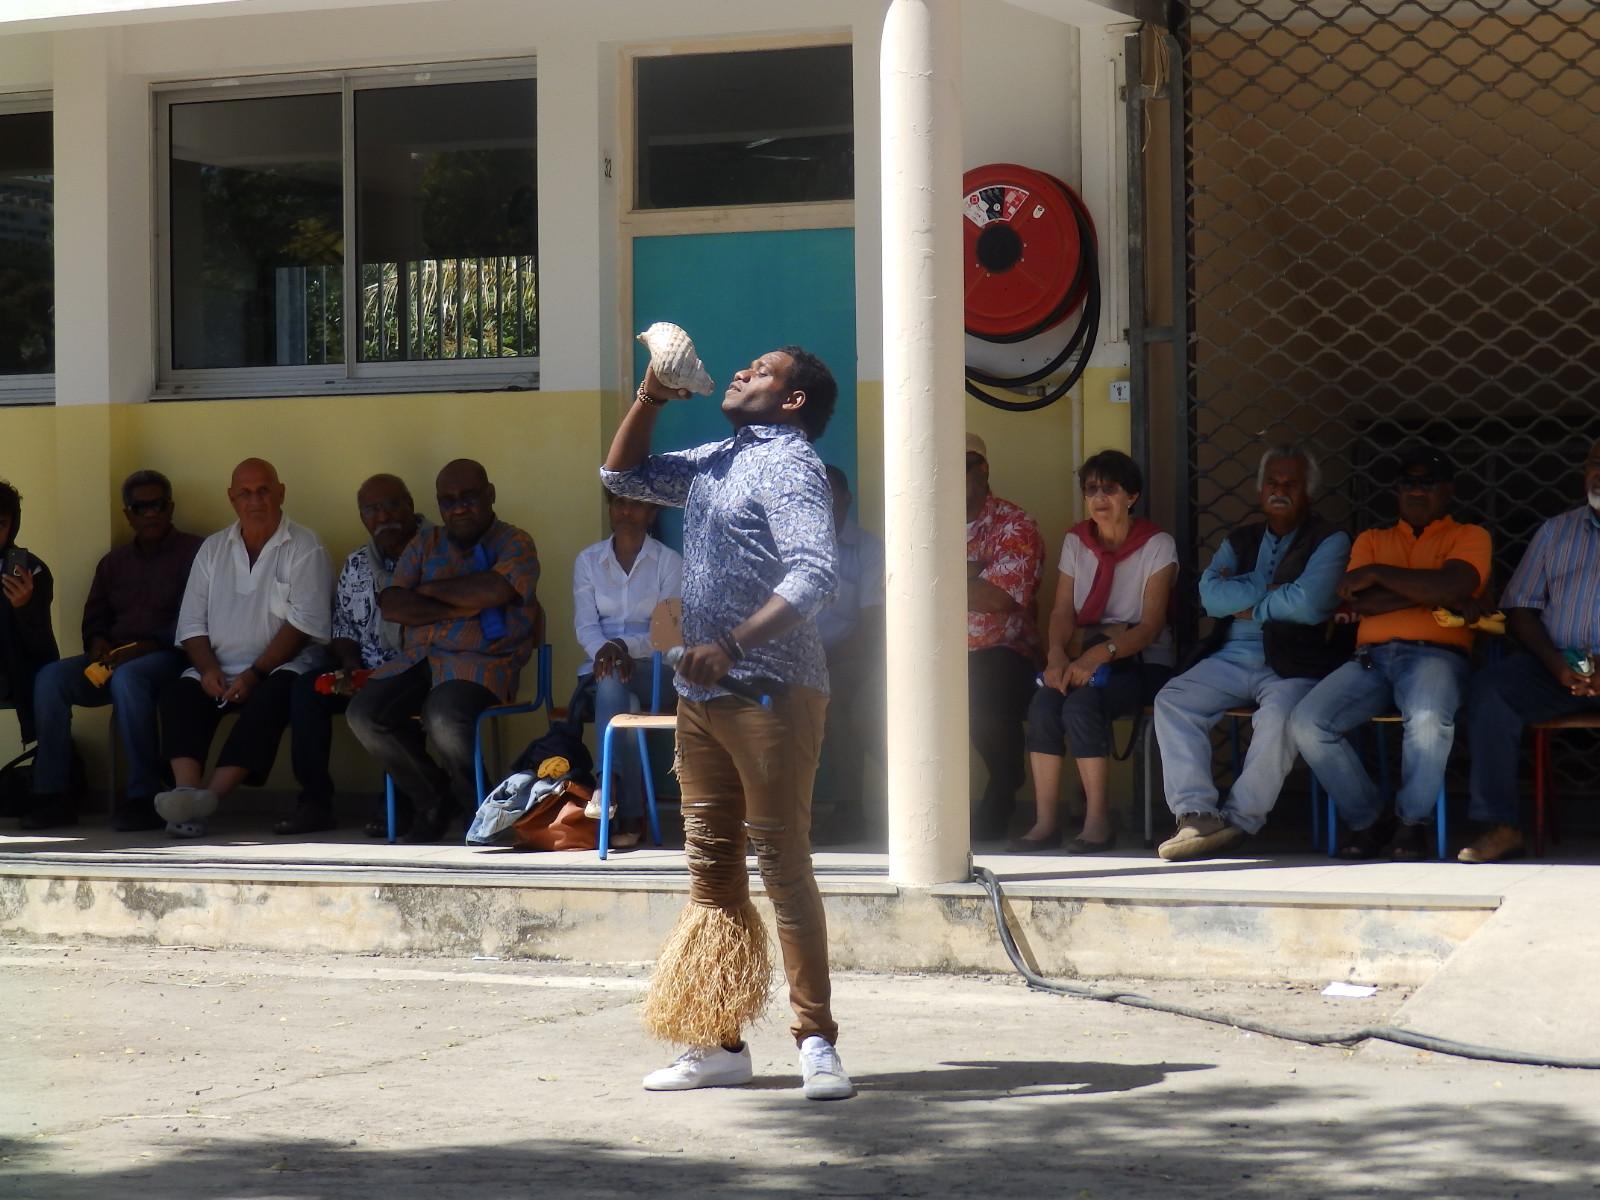 Des artistes, des troupes de danses, des chorales, des groupes de musique ont animé la journée. ici, le slameur Simanë.